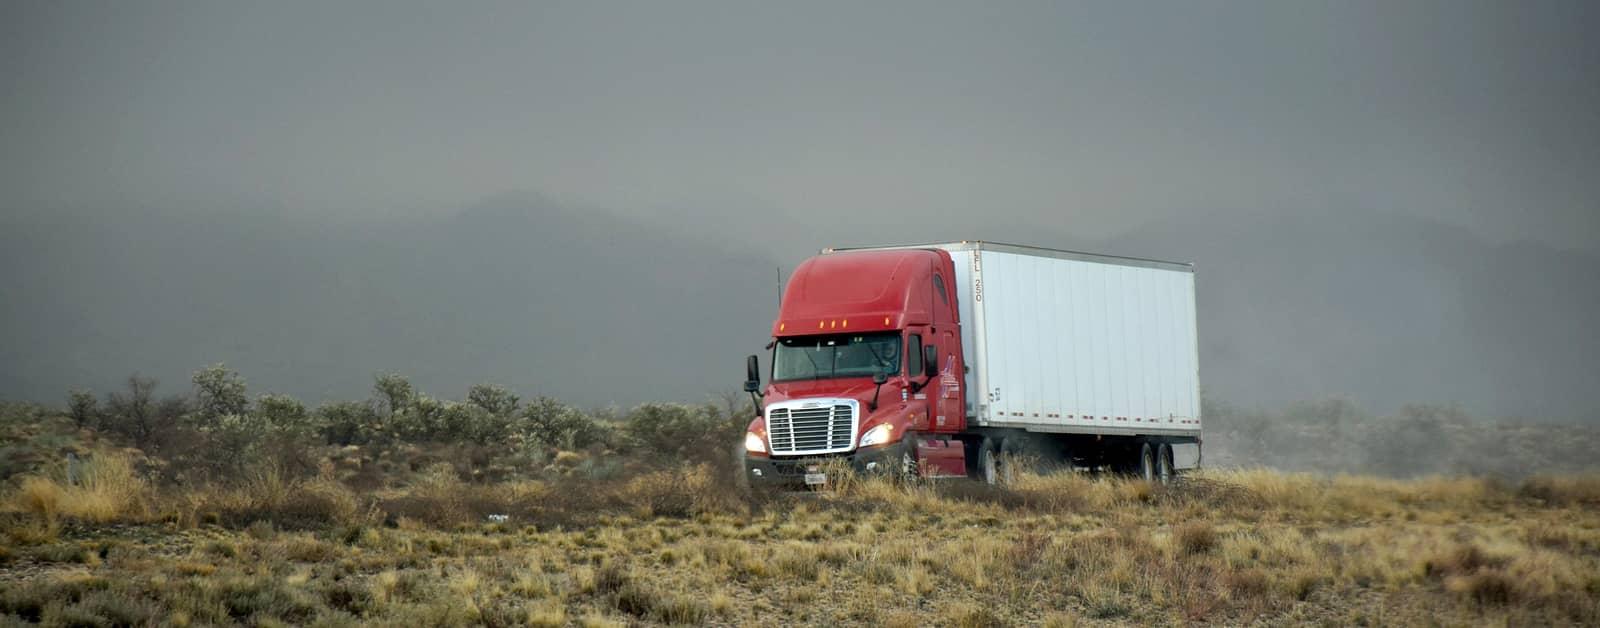 Trucking services Mindanao